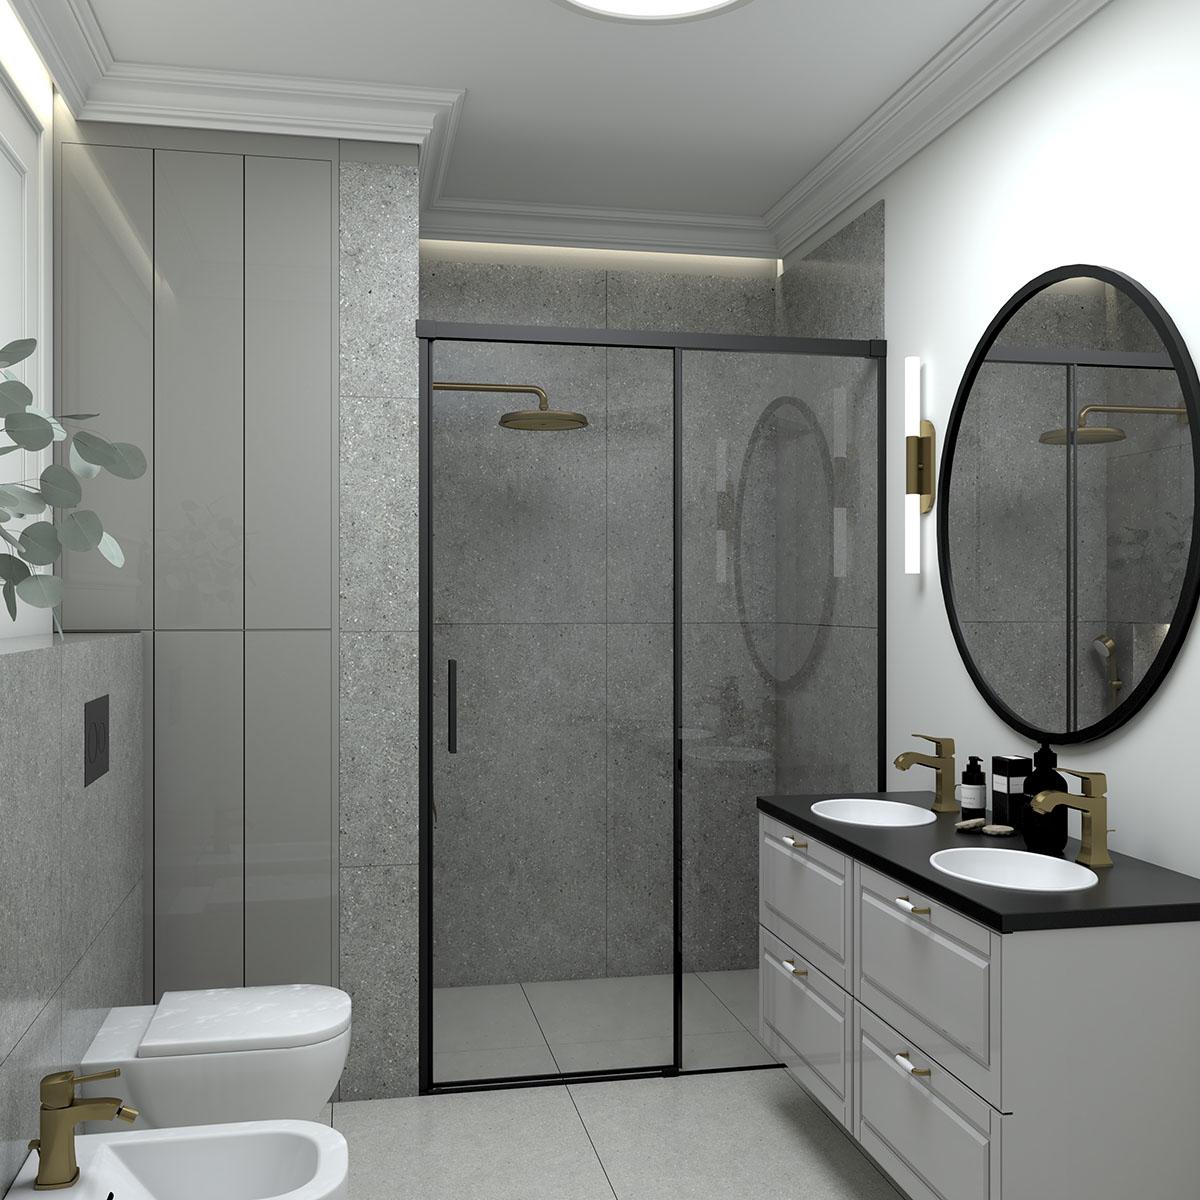 Płytki z kolekcji Solid marki Soloss w projekcie łazienki   proj. Magdalena Białek Mada Design